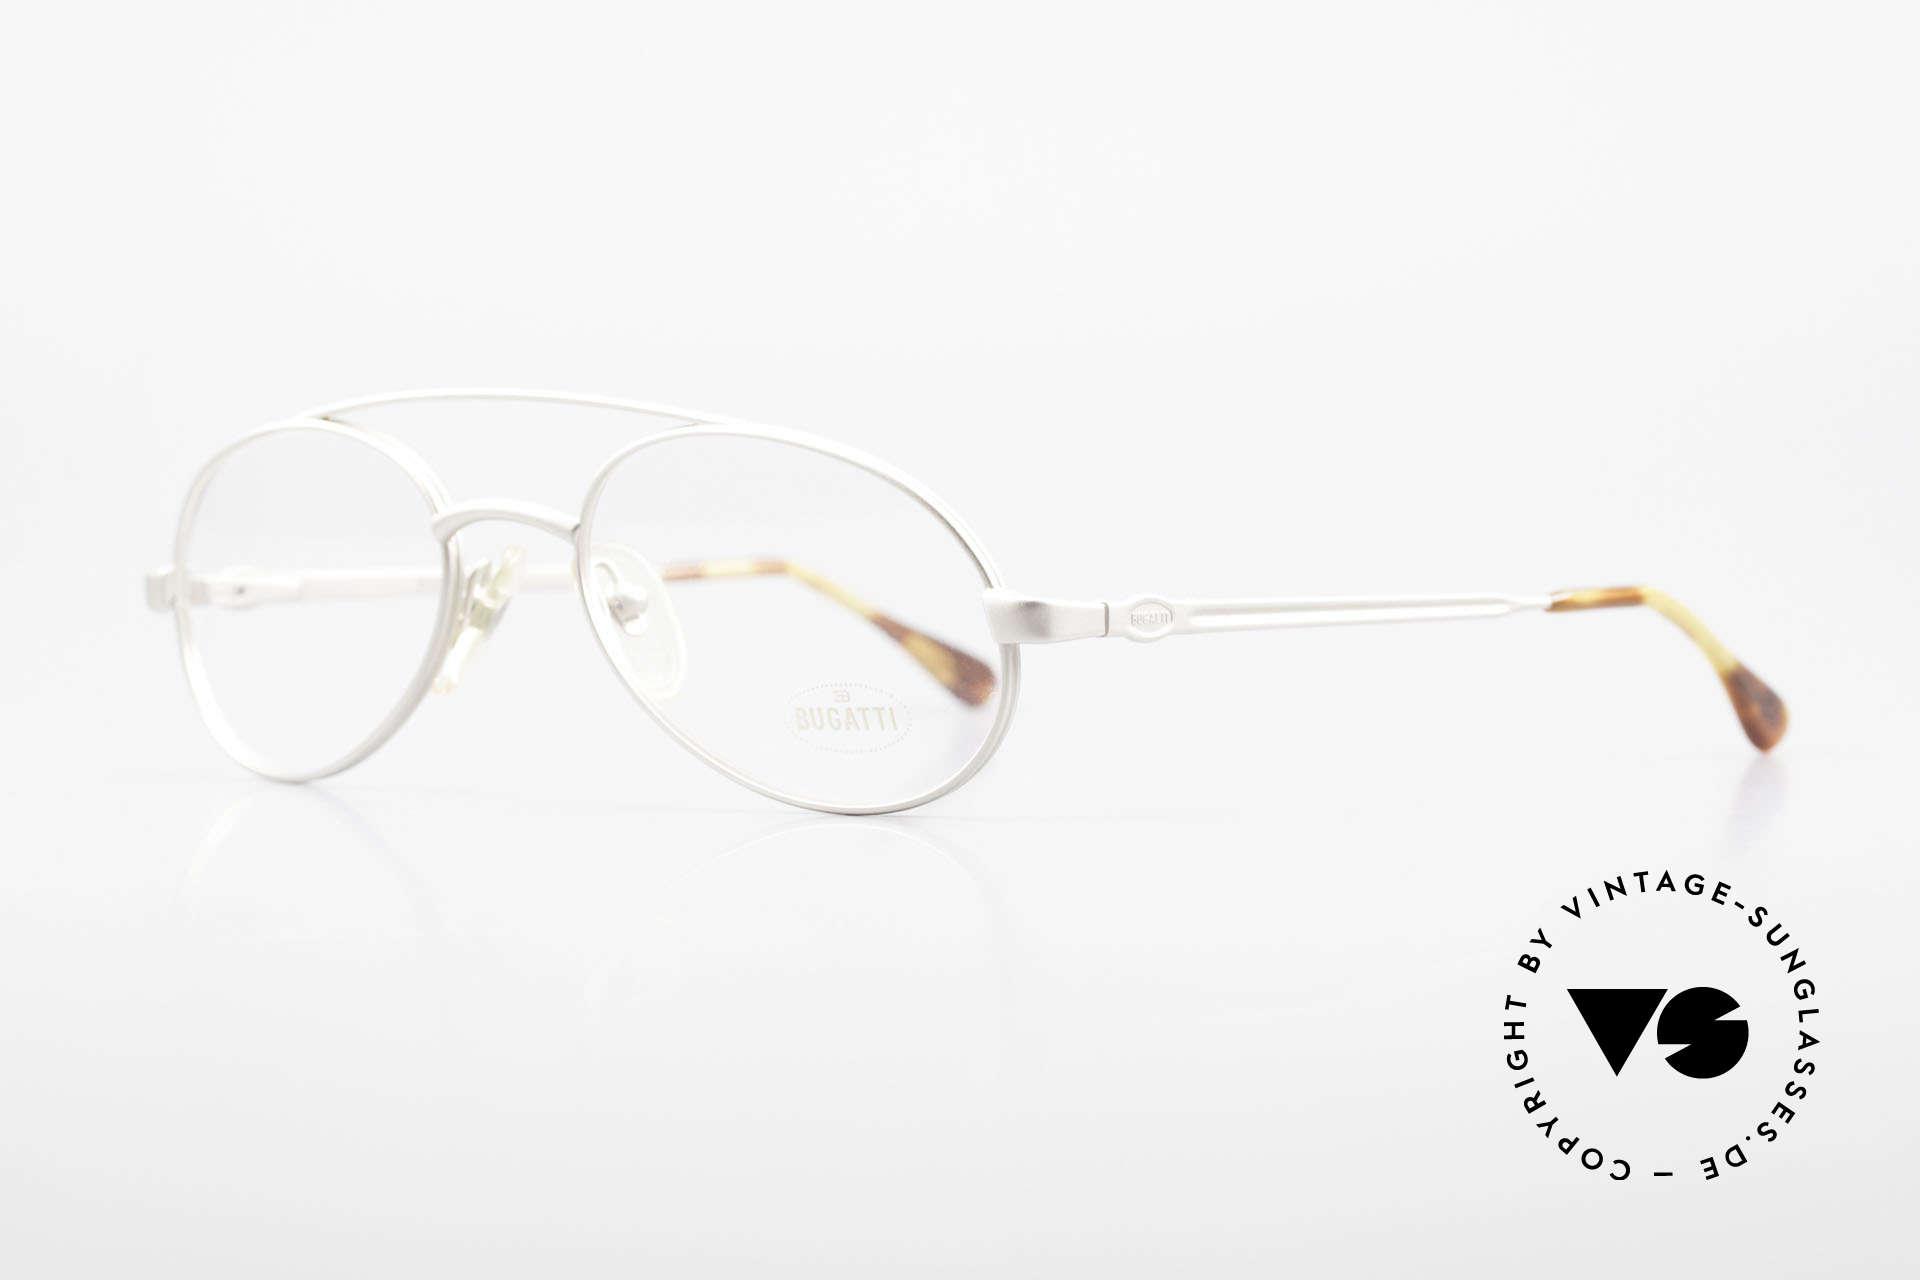 Bugatti 08105 Alte Vintage Brille Herren 80er, Federgelenke und Verarbeitung in höchster Qualität, Passend für Herren